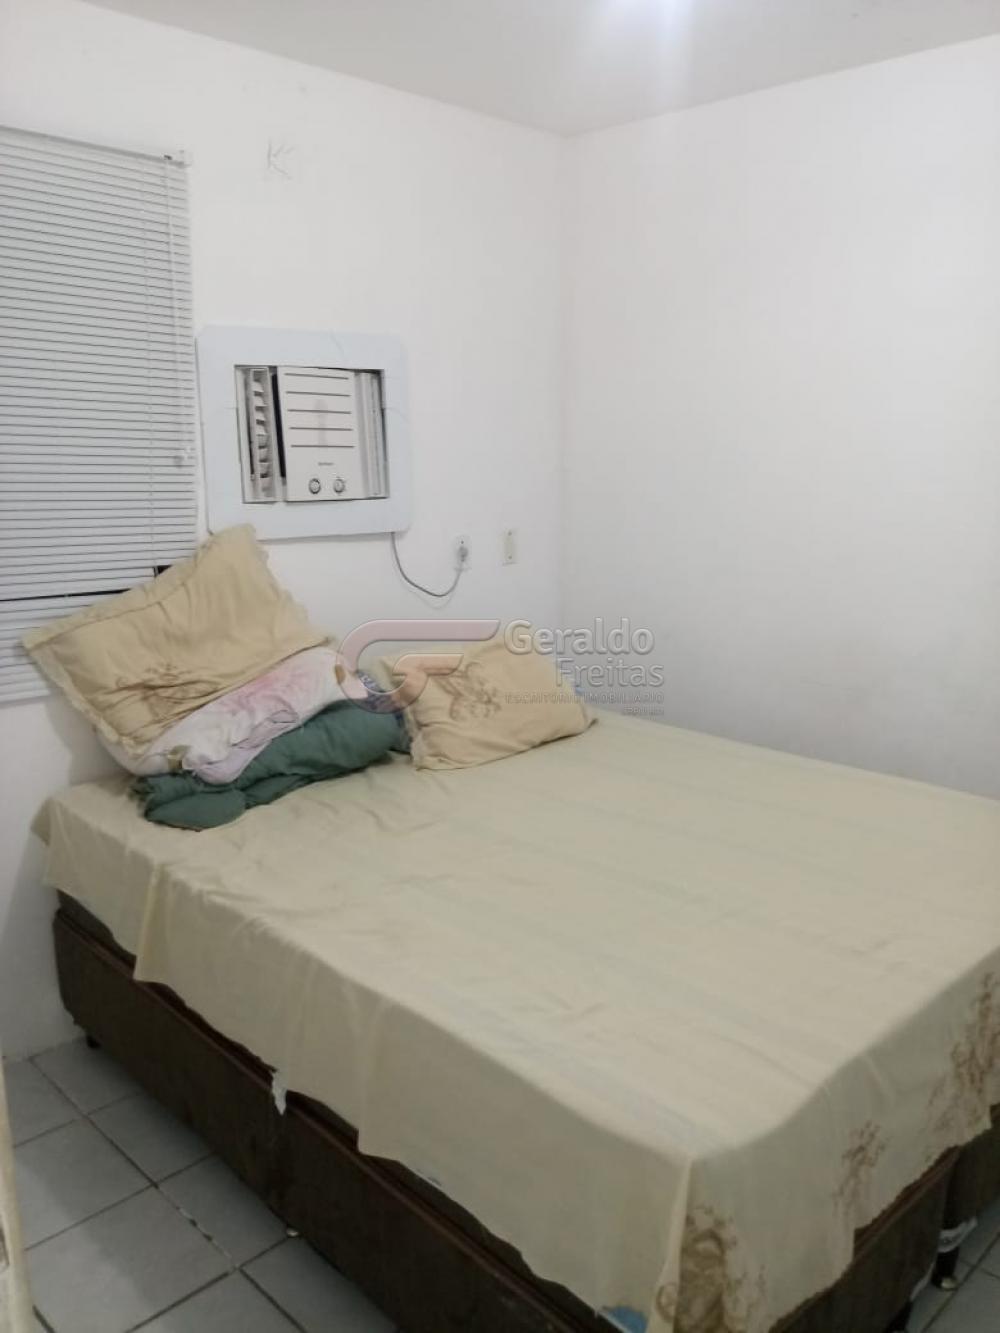 Comprar Apartamentos / Padrão em Maceió apenas R$ 150.000,00 - Foto 7